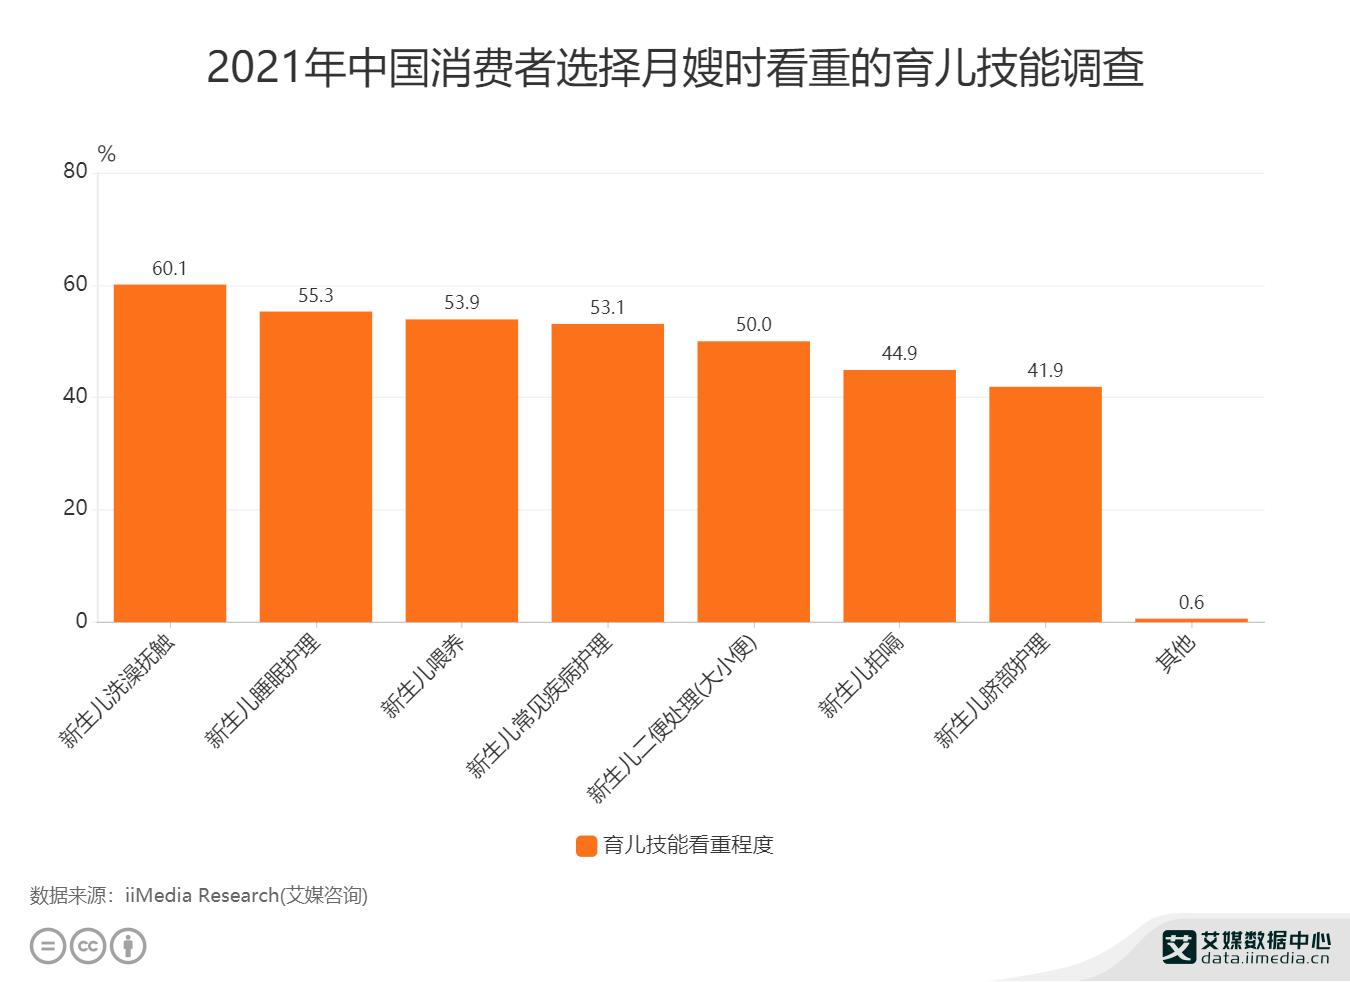 2021年中国消费者选择月嫂时看重的育儿技能调查.png